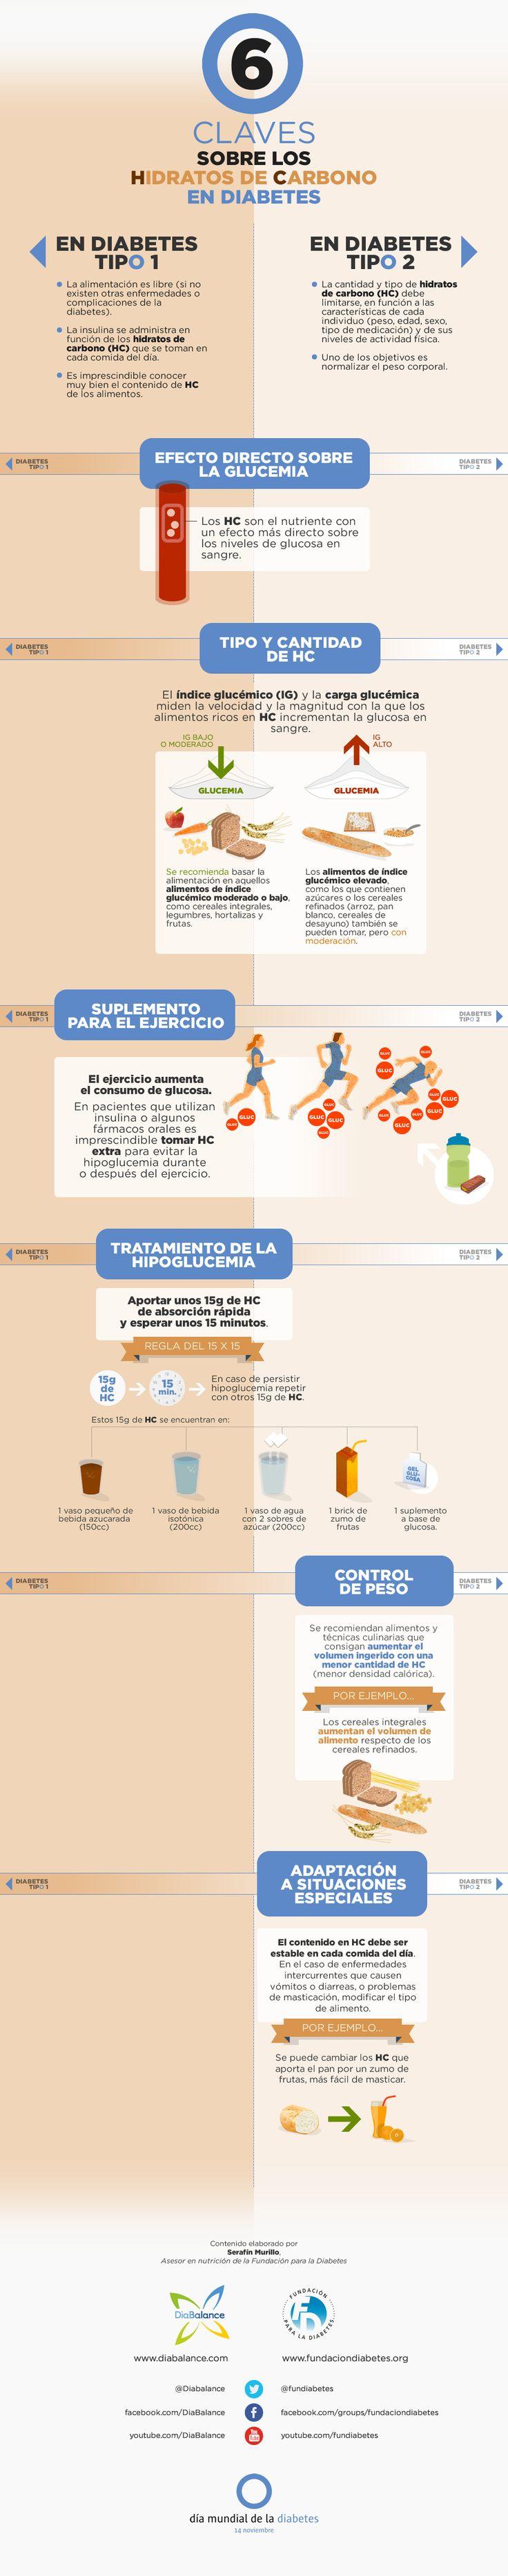 Infografía: 6 Claves sobre los Hidratos de Carbono en Diabetes